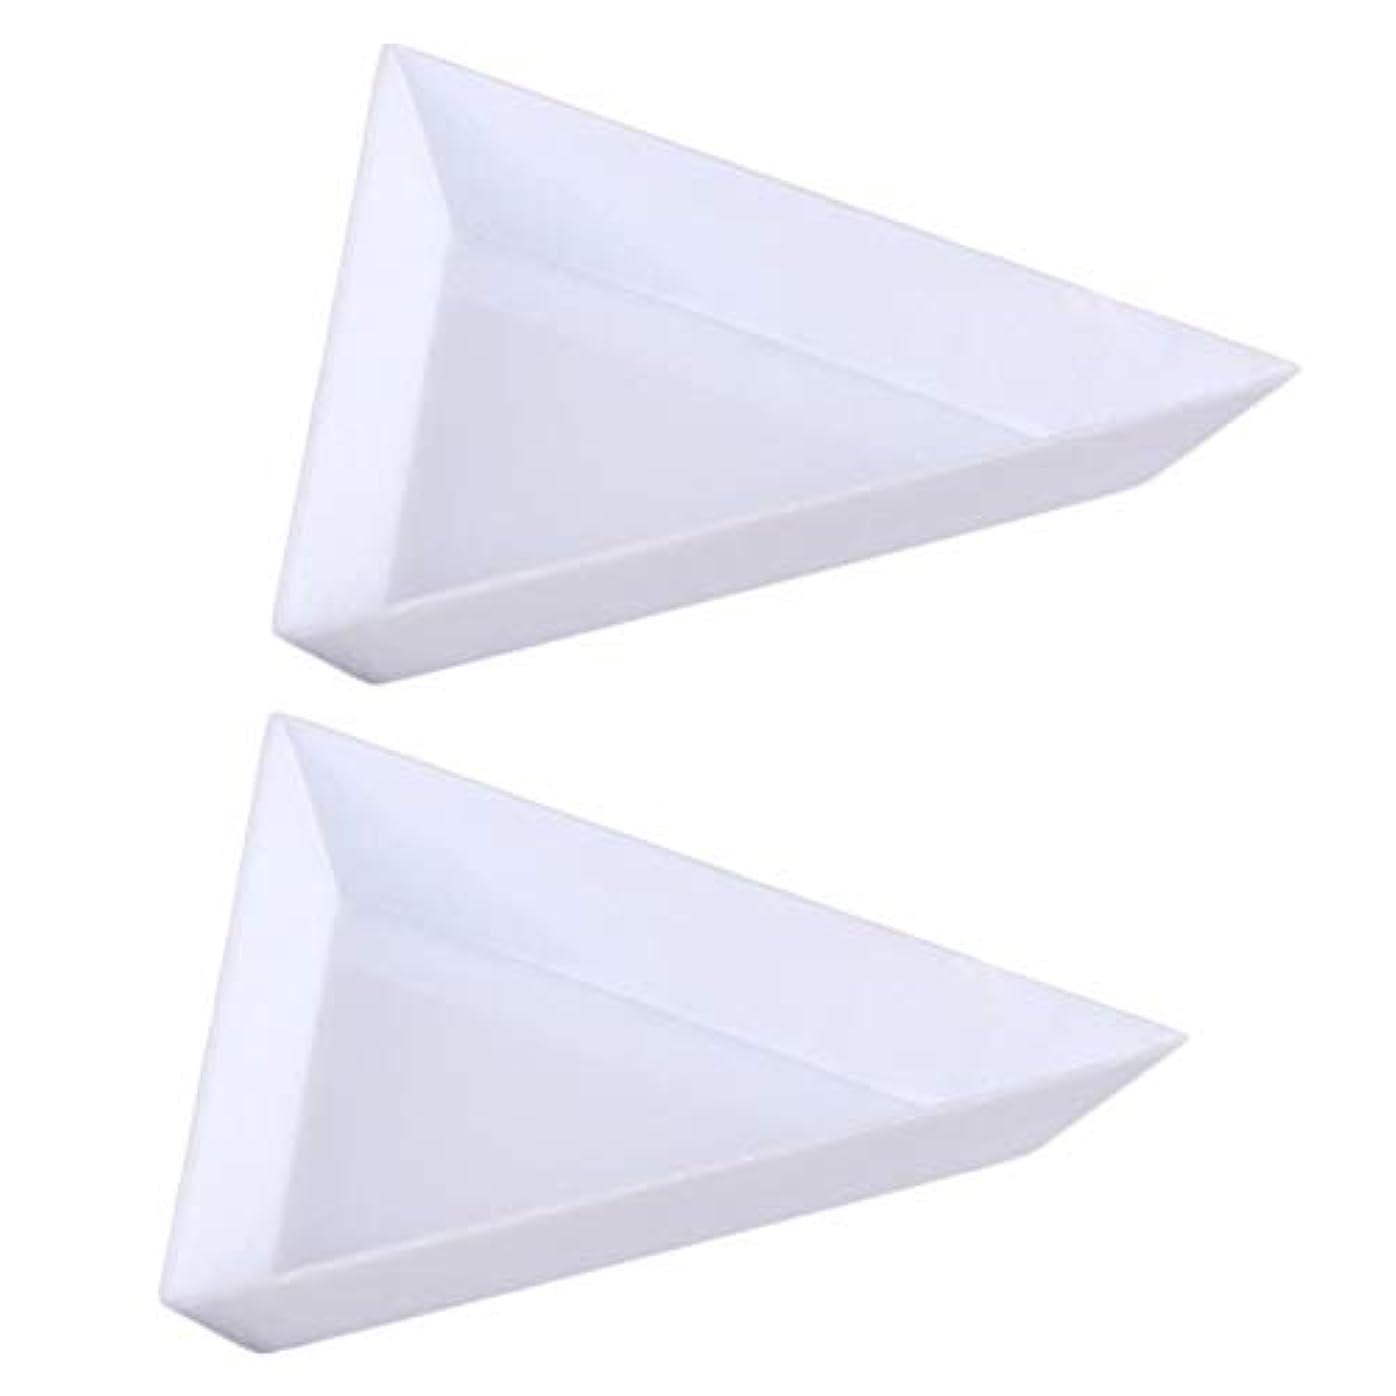 モトリーお母さん欠員TOOGOO 10個三角コーナープラスチックラインストーンビーズ 結晶 ネイルアートソーティングトレイアクセサリー白 DiyネイルアートデコレーションDotting収納トレイ オーガニゼーションに最適